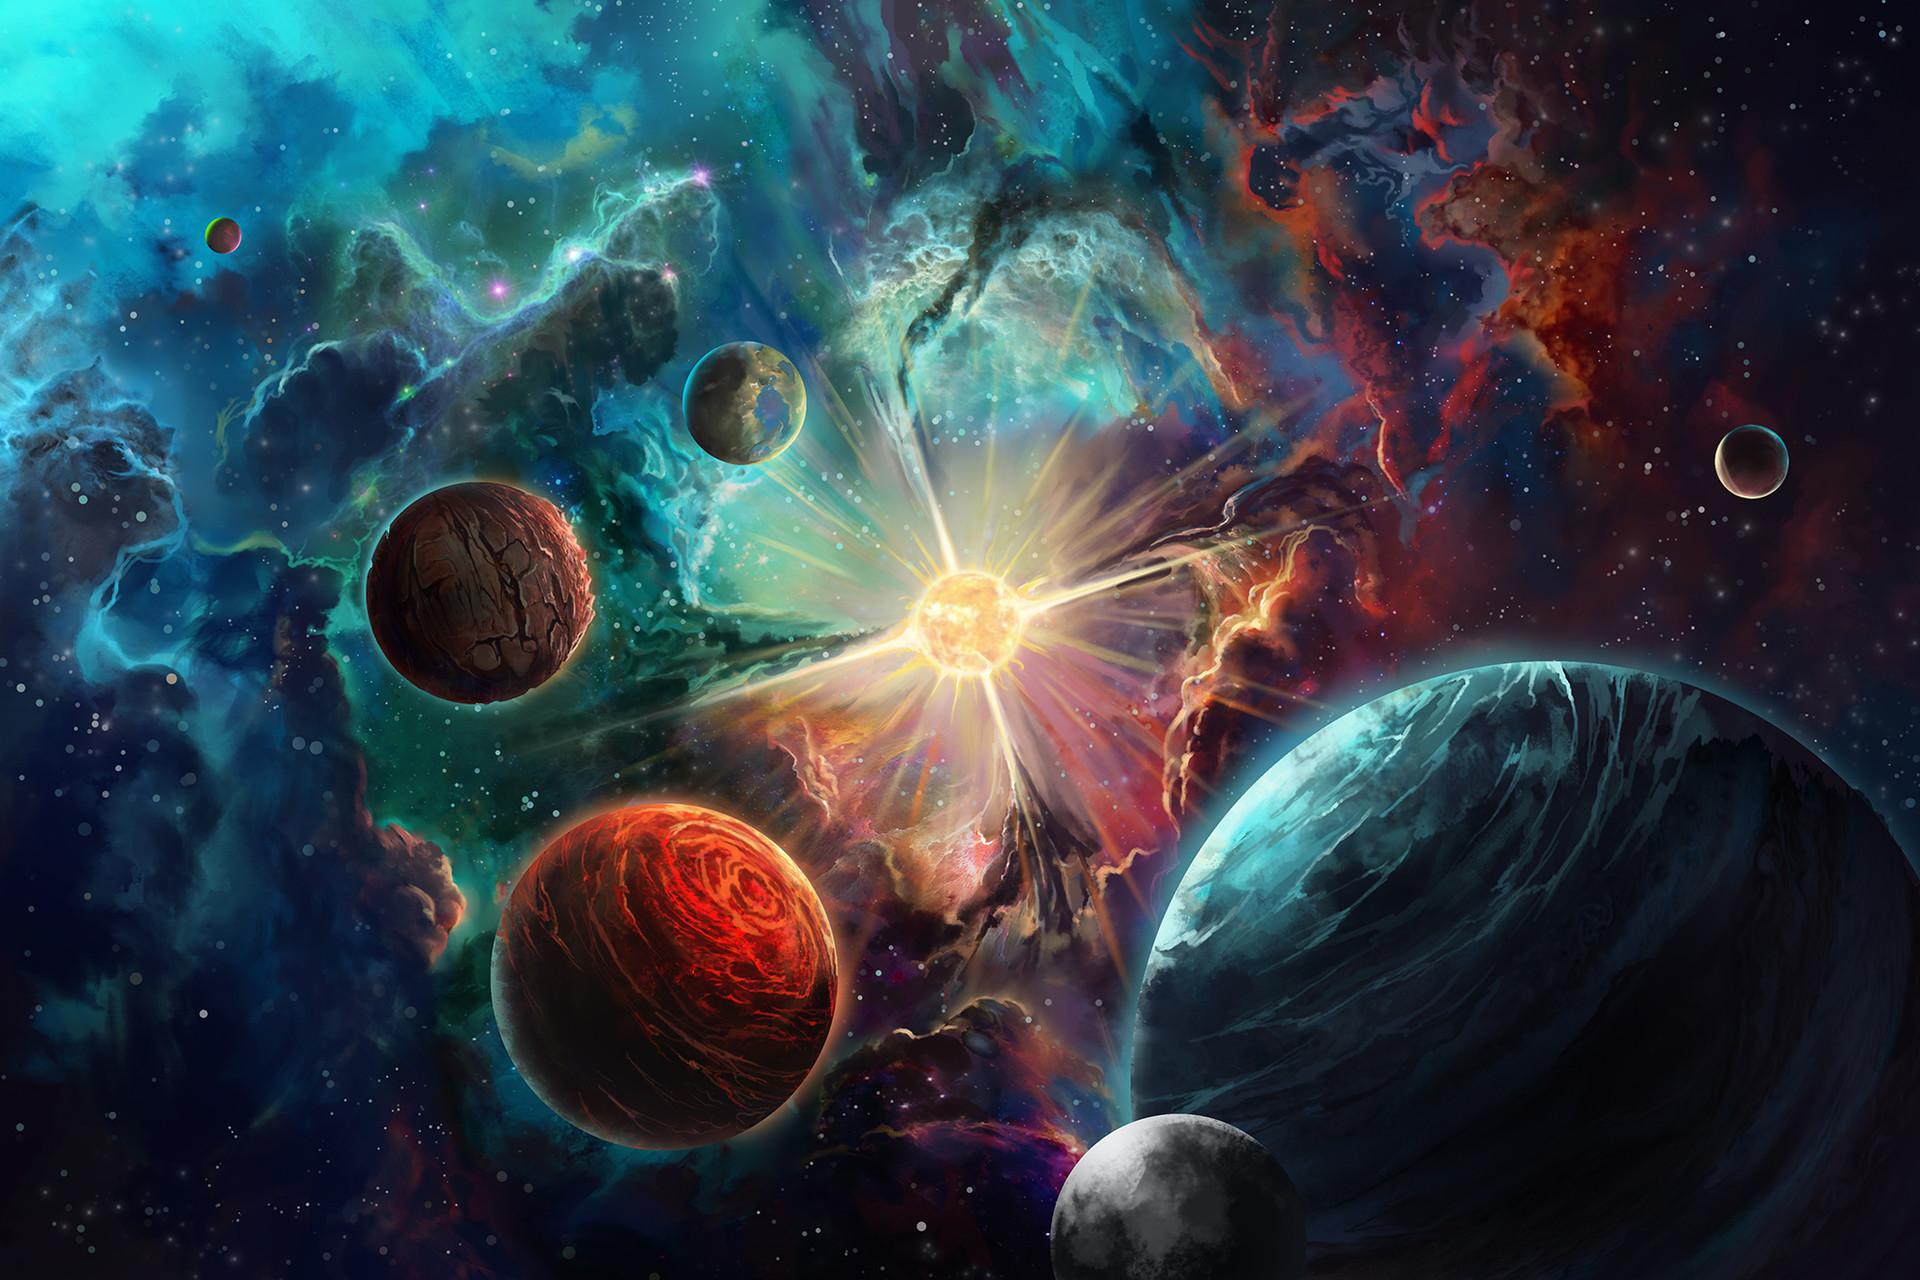 Астрофизики нашли самую благоприятную для жизни экзопланету